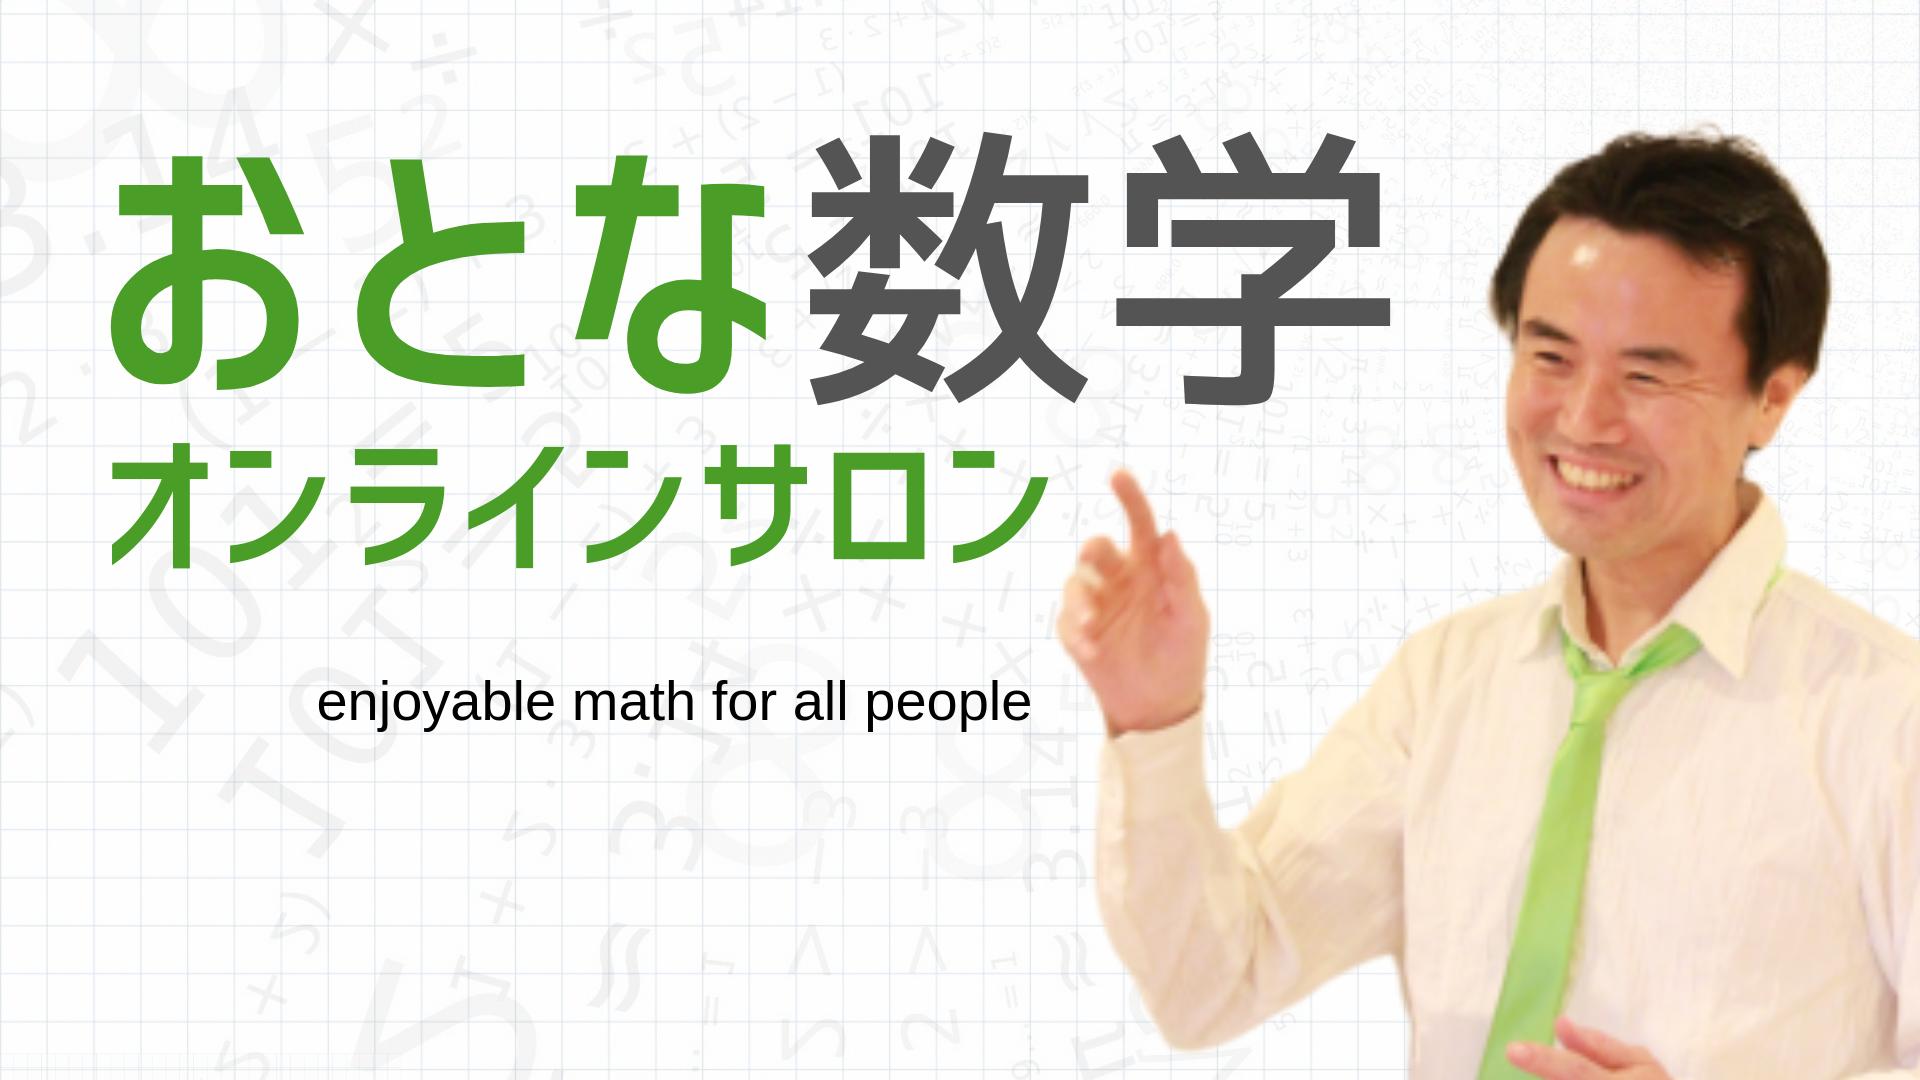 おとな数学オンラインサロン